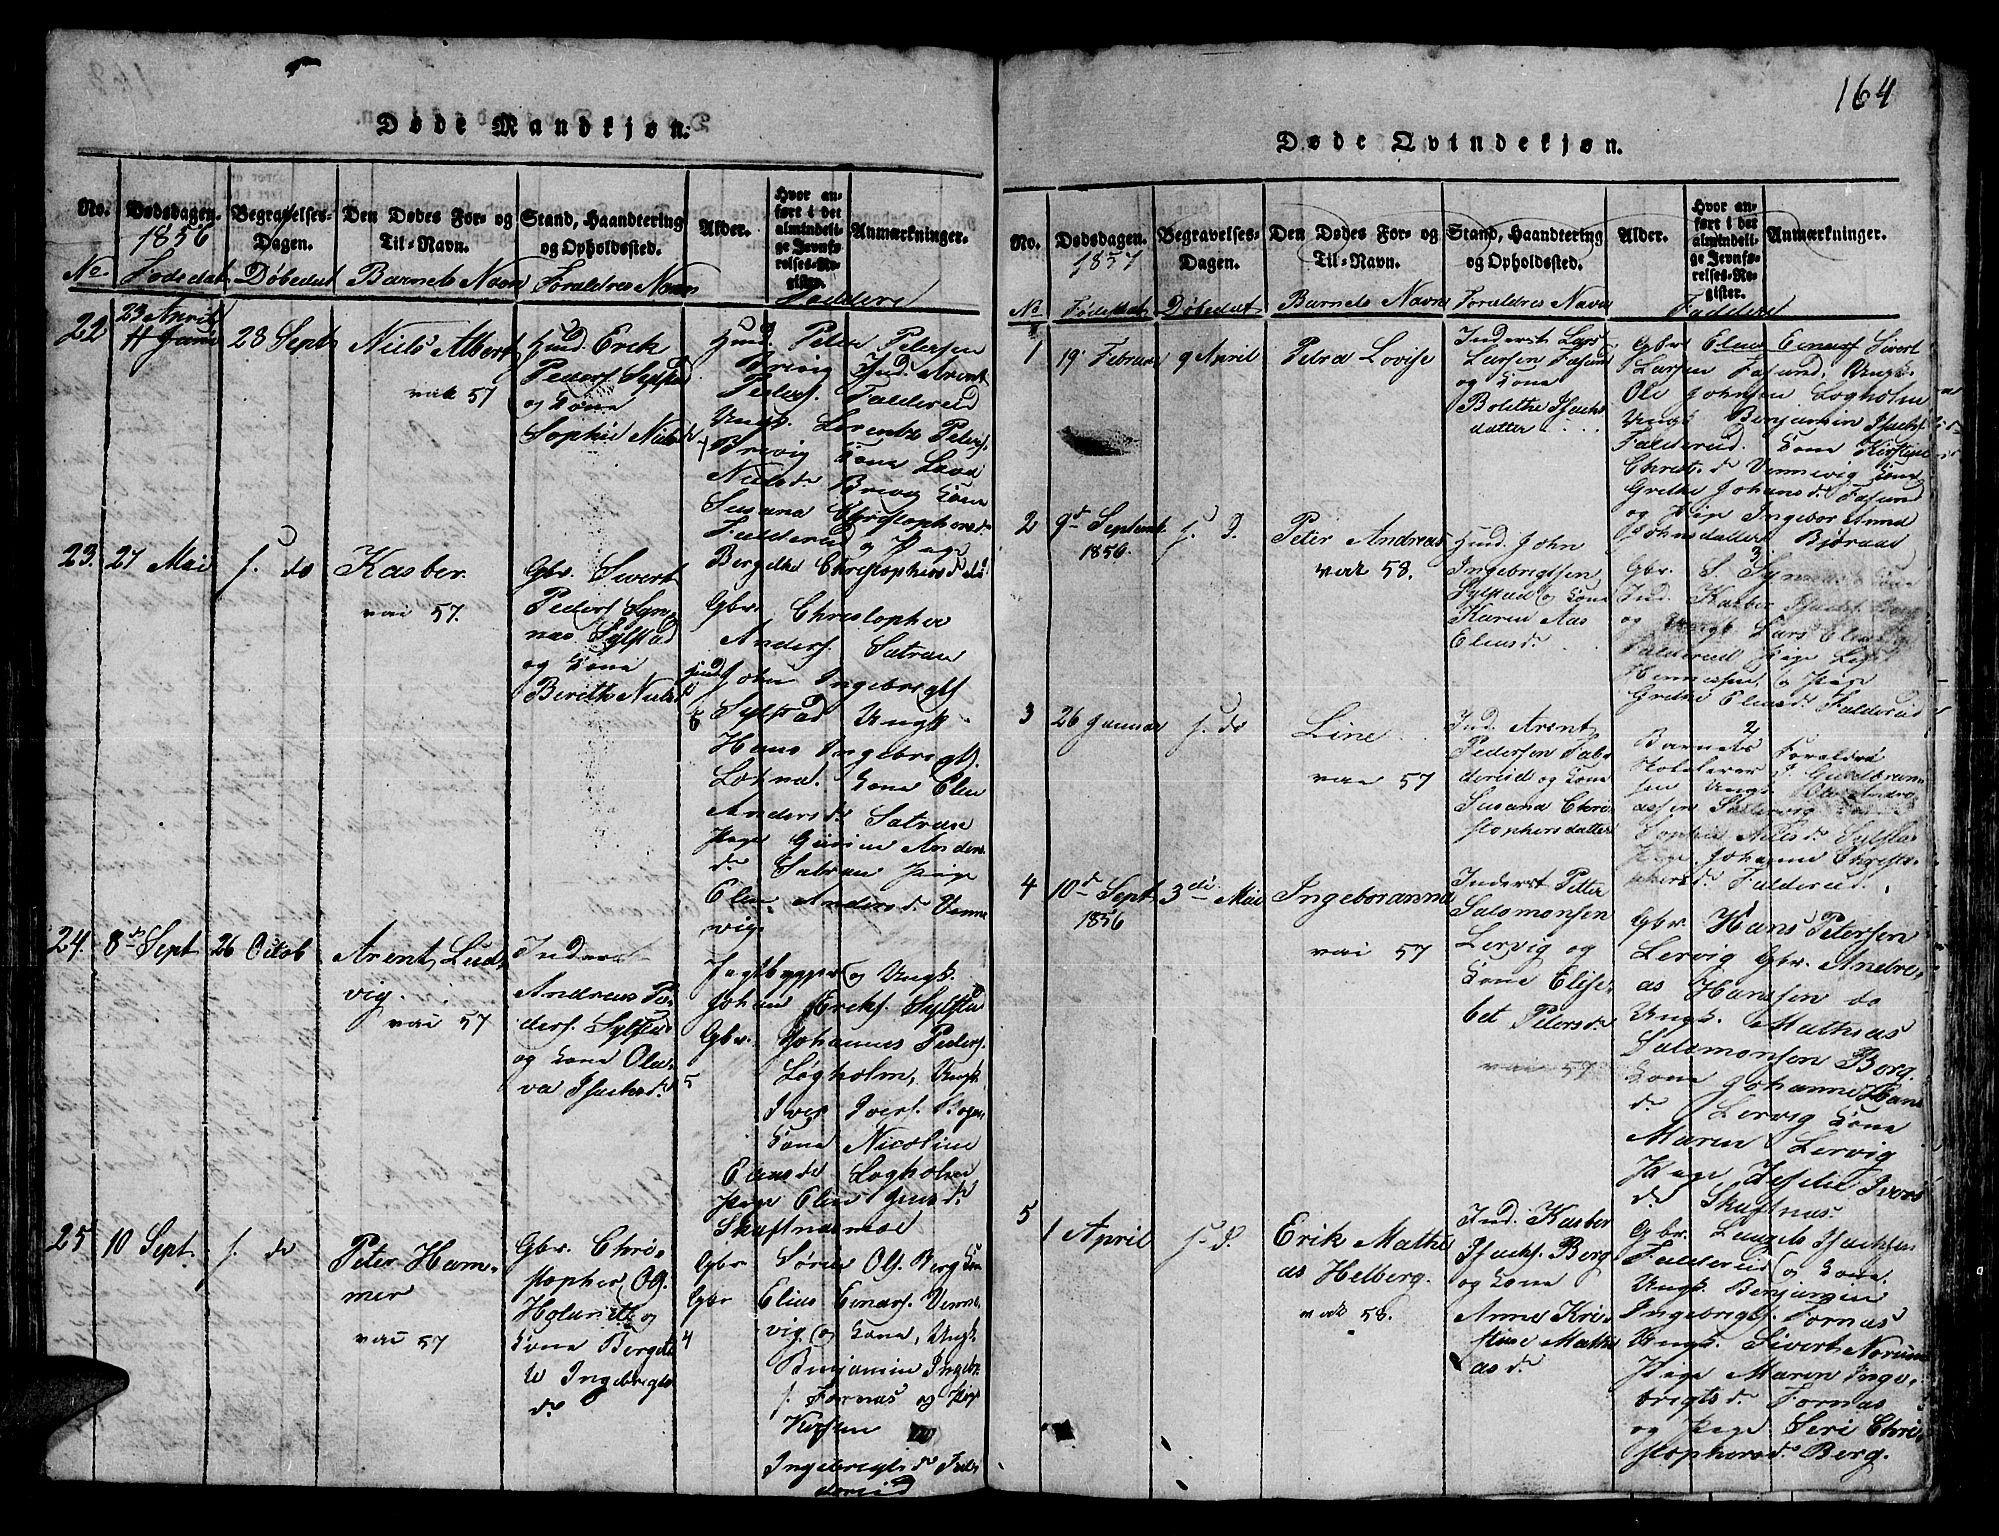 SAT, Ministerialprotokoller, klokkerbøker og fødselsregistre - Nord-Trøndelag, 780/L0648: Klokkerbok nr. 780C01 /3, 1815-1877, s. 164